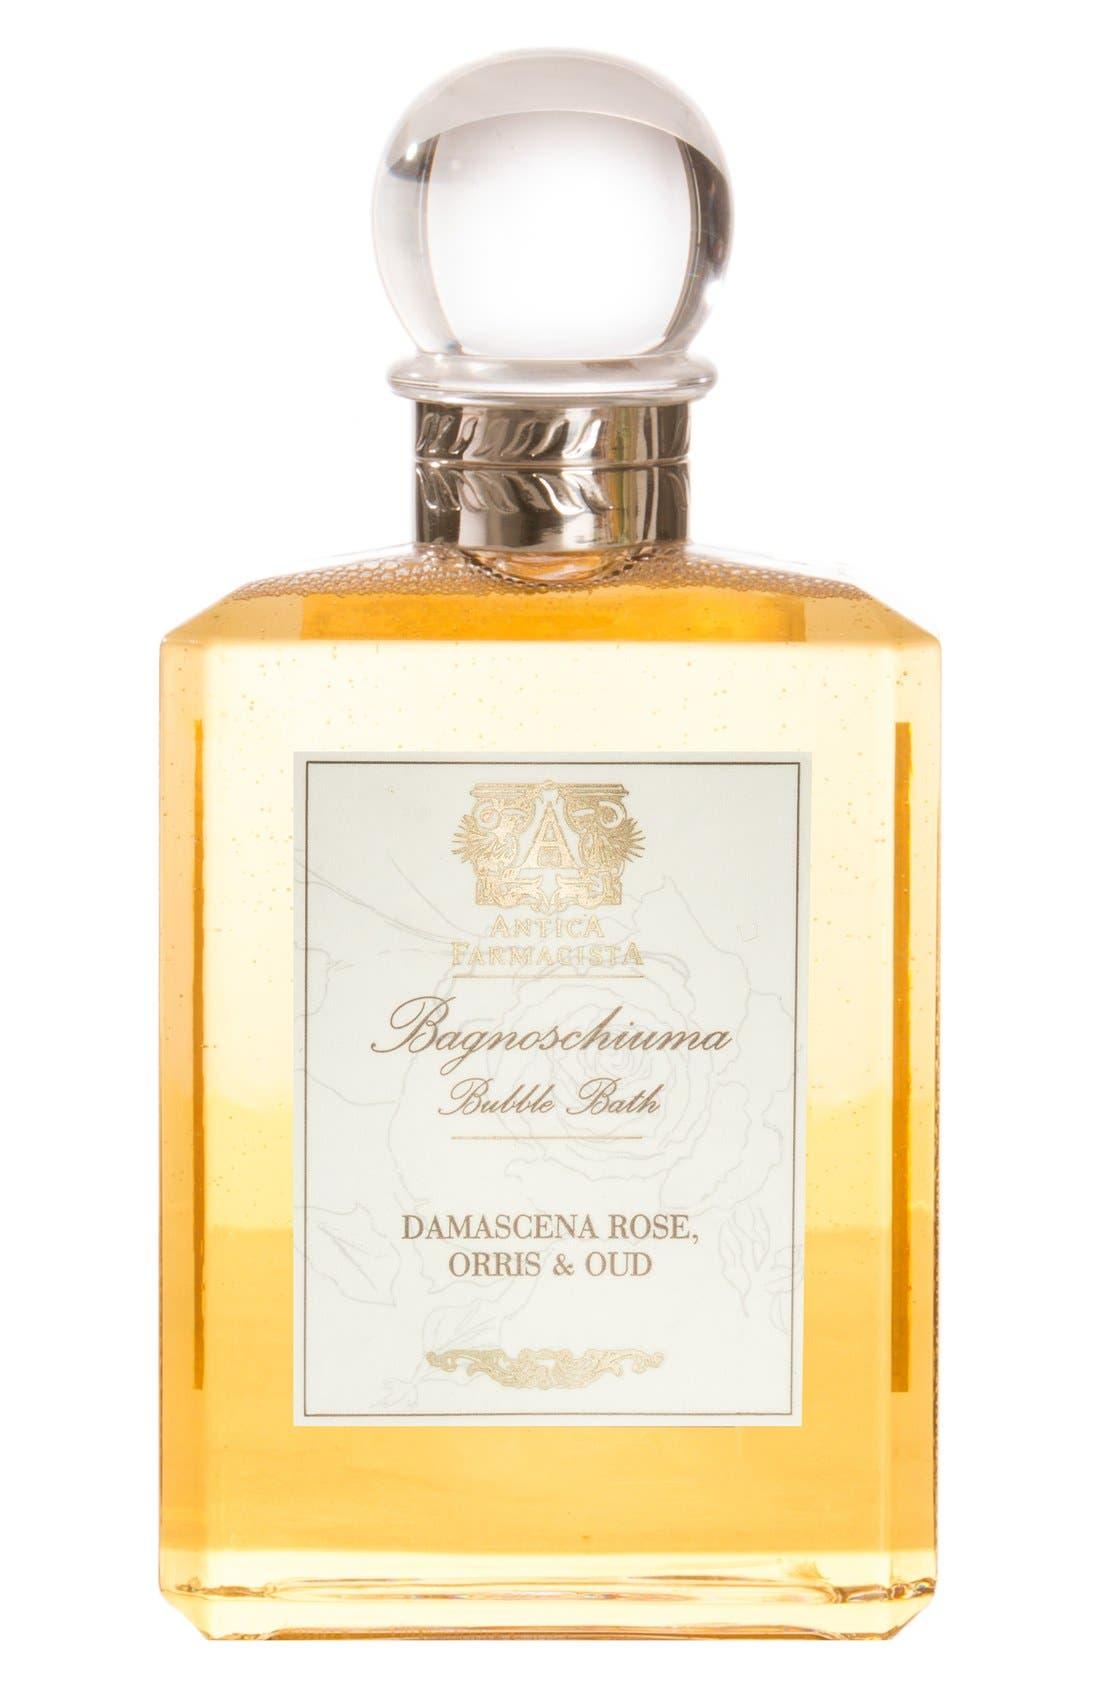 Damascena Rose, Orris & Oud Bubble Bath,                             Main thumbnail 1, color,                             NO COLOR